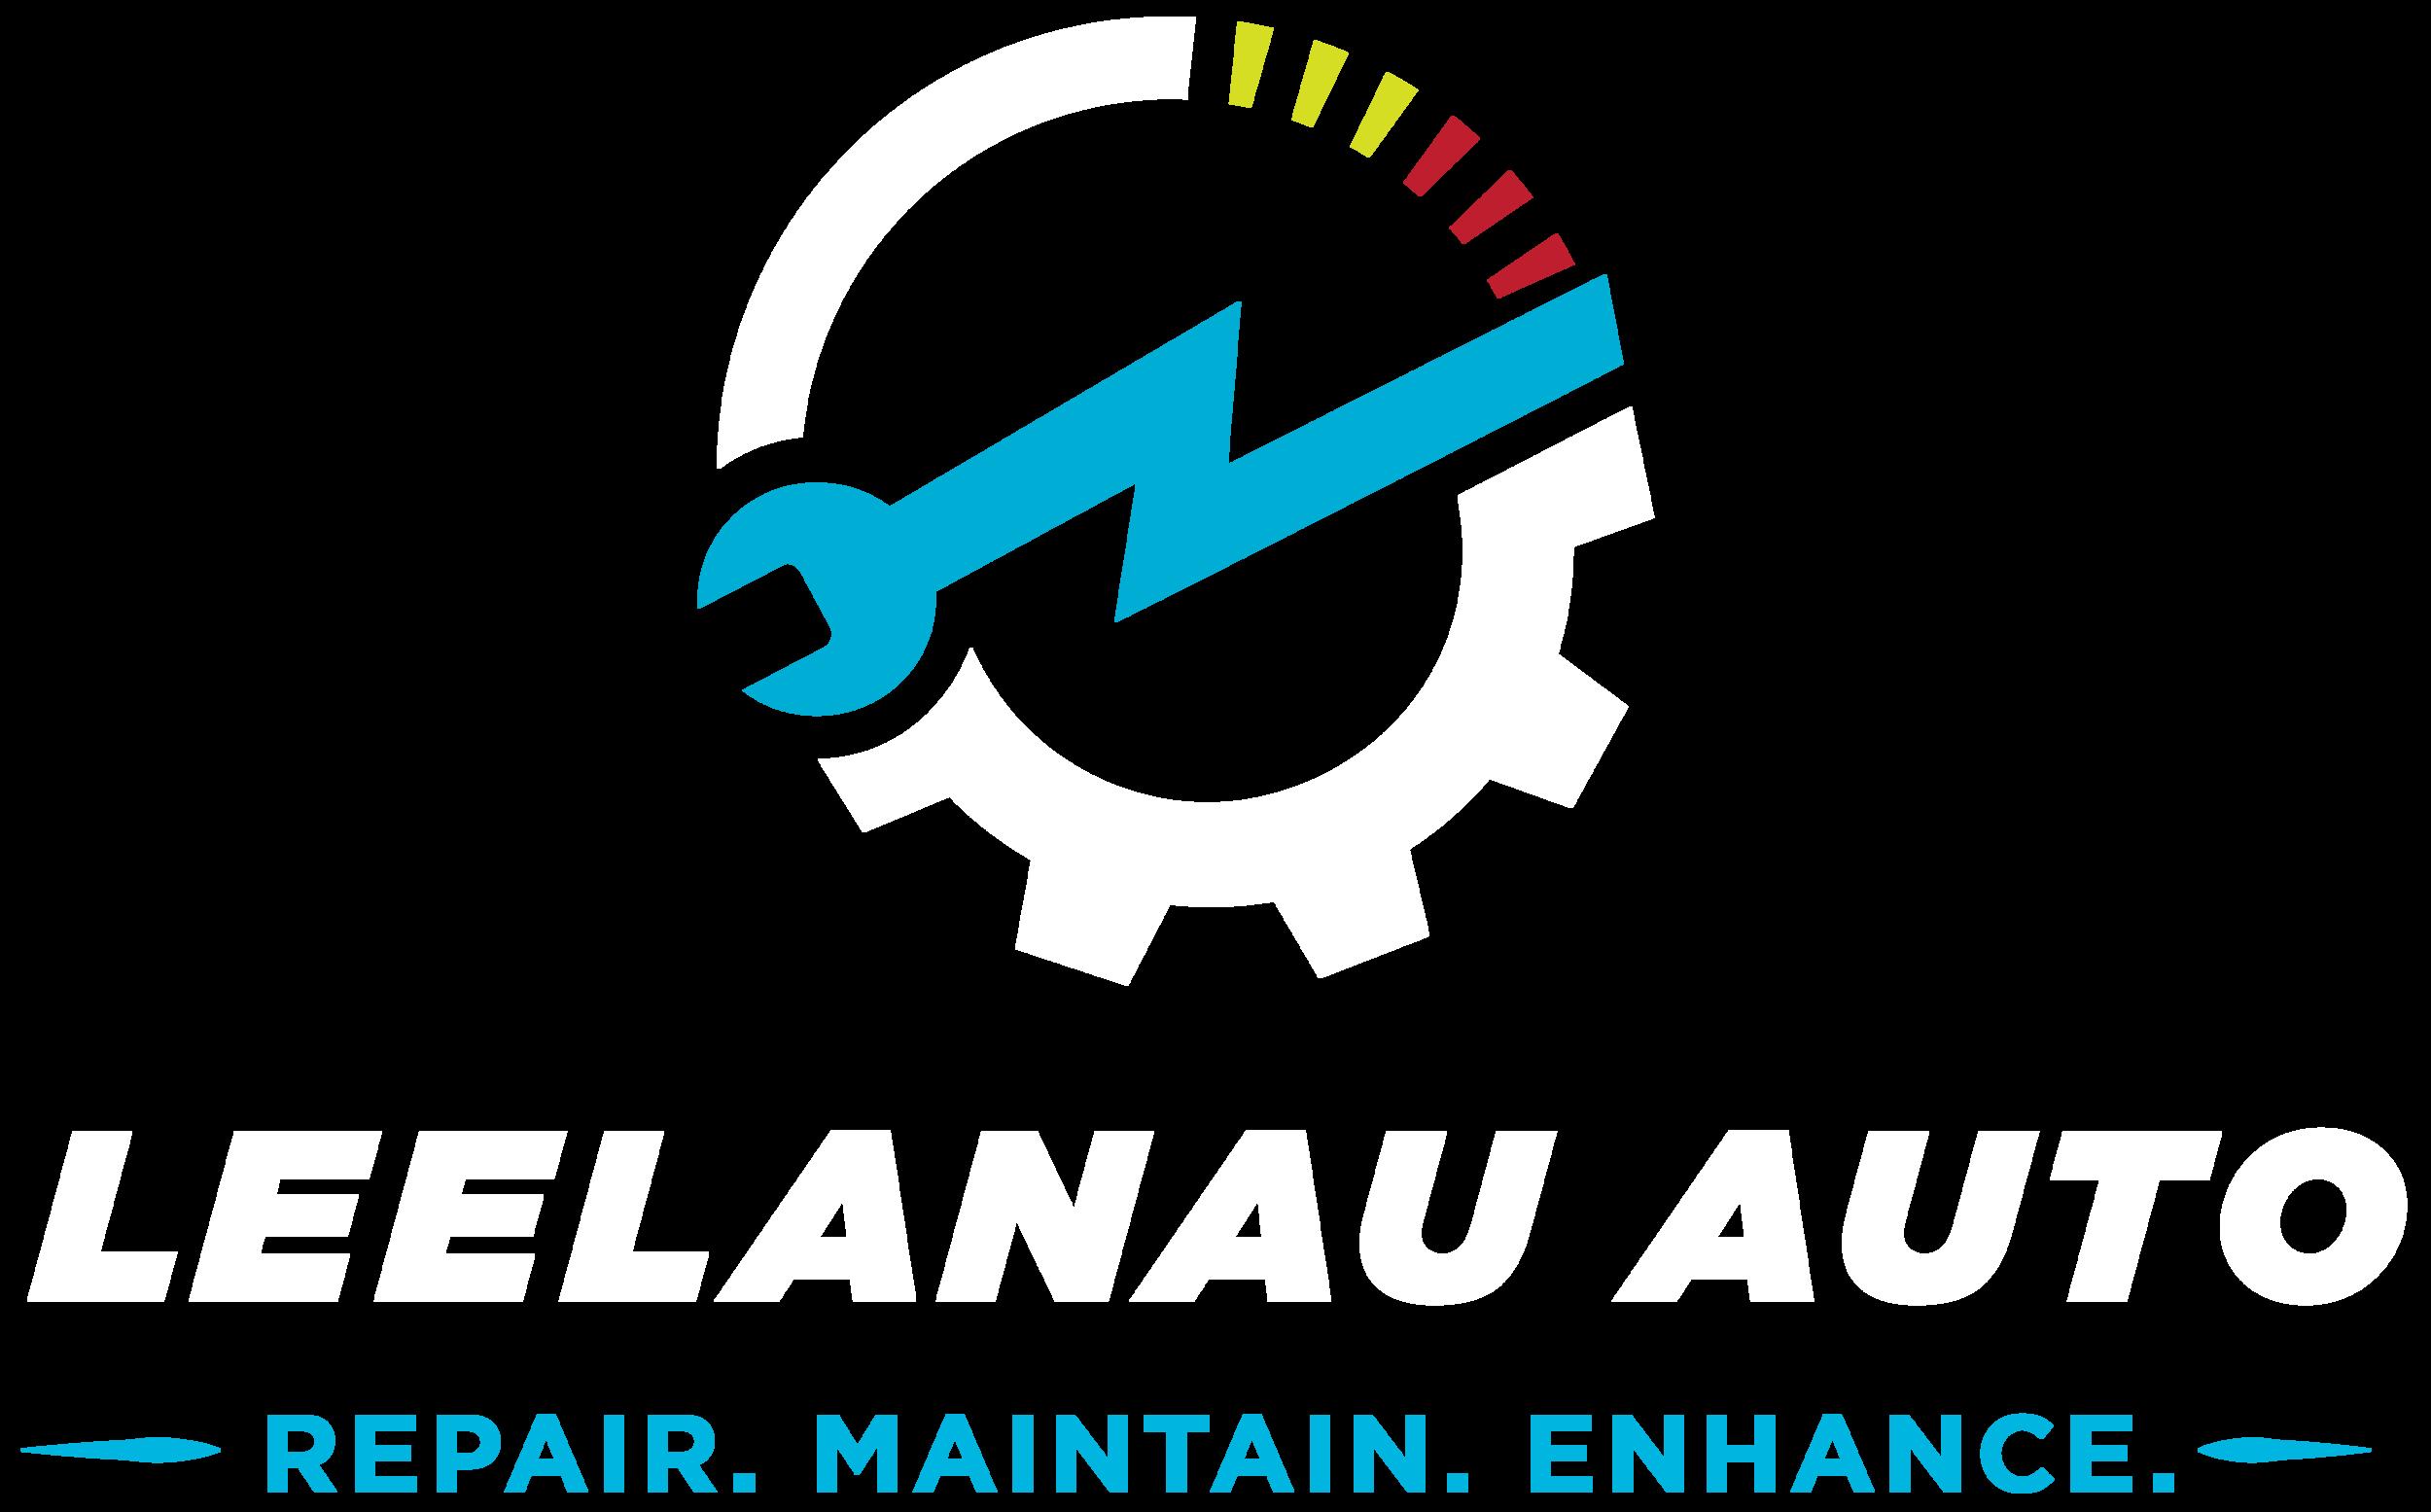 LEELANAUAUTOLOGOS_FINALSFORWEB_RGB-05.png